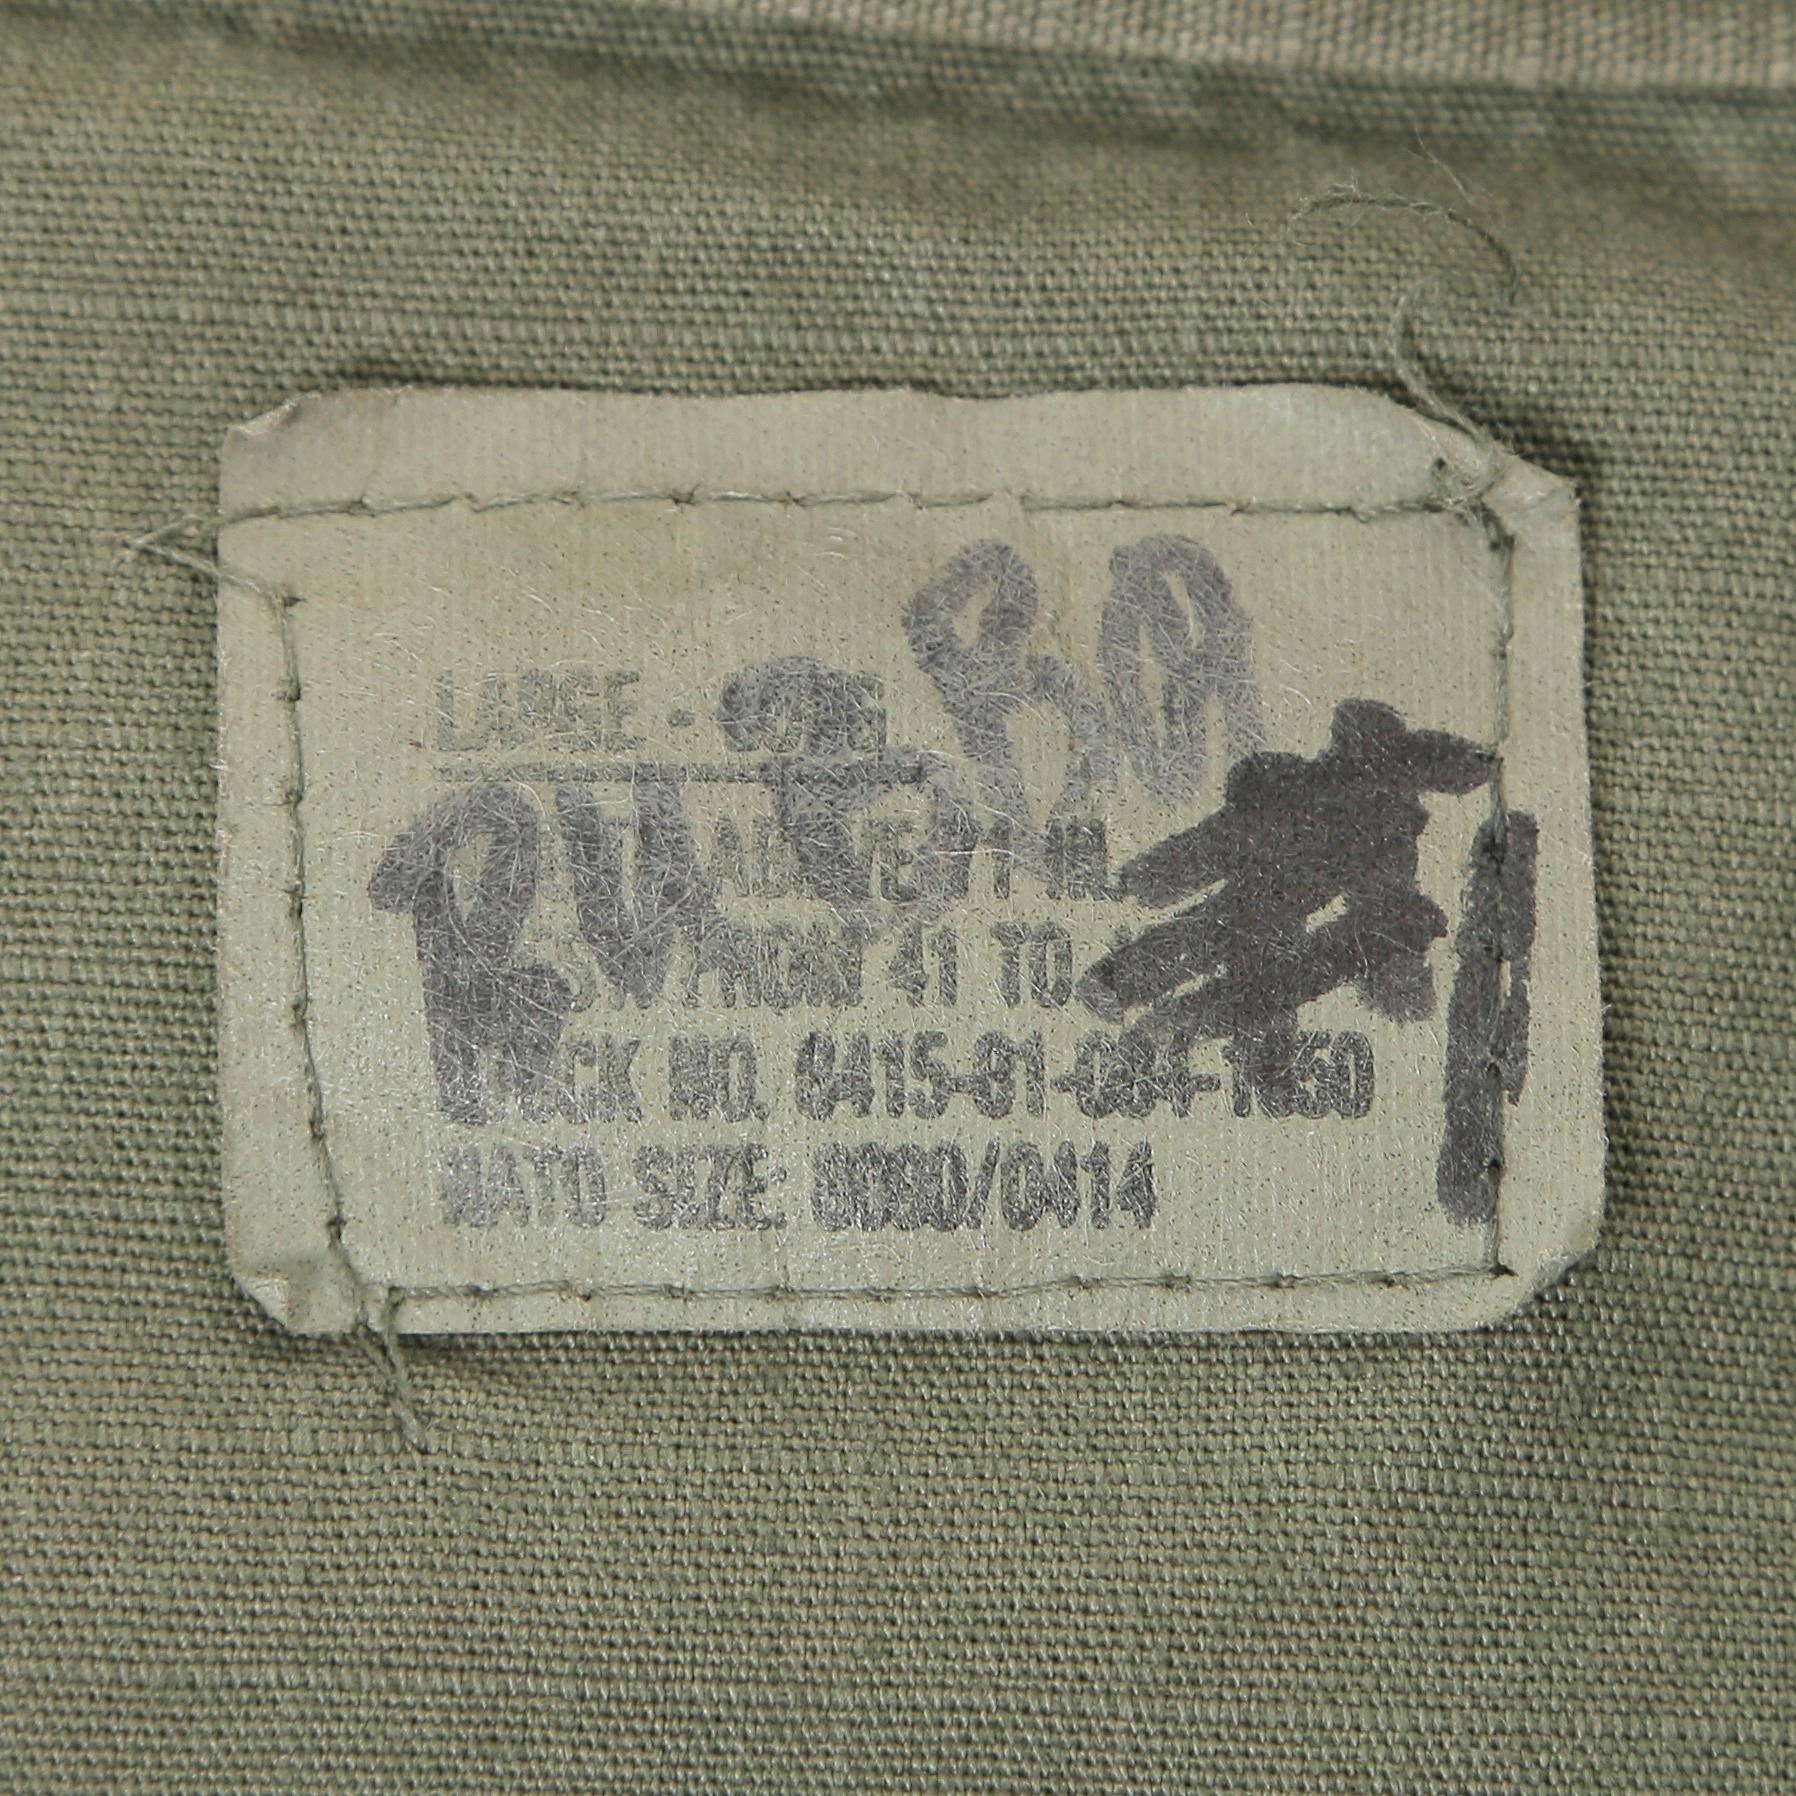 cf753f795d785 ... Image 8 : Forrest Gump